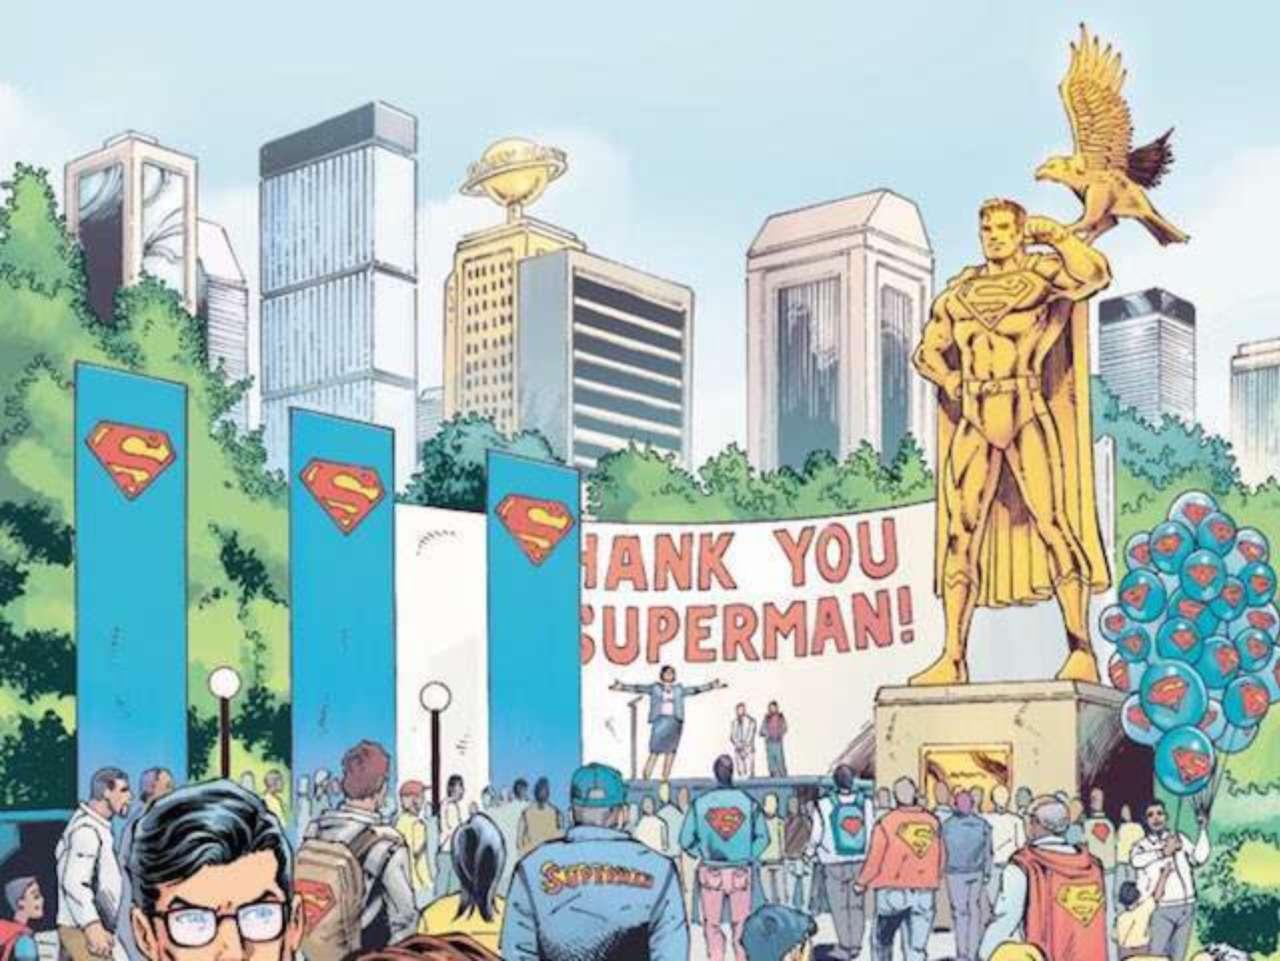 superman-thanks-1096638-1280x0.jpeg